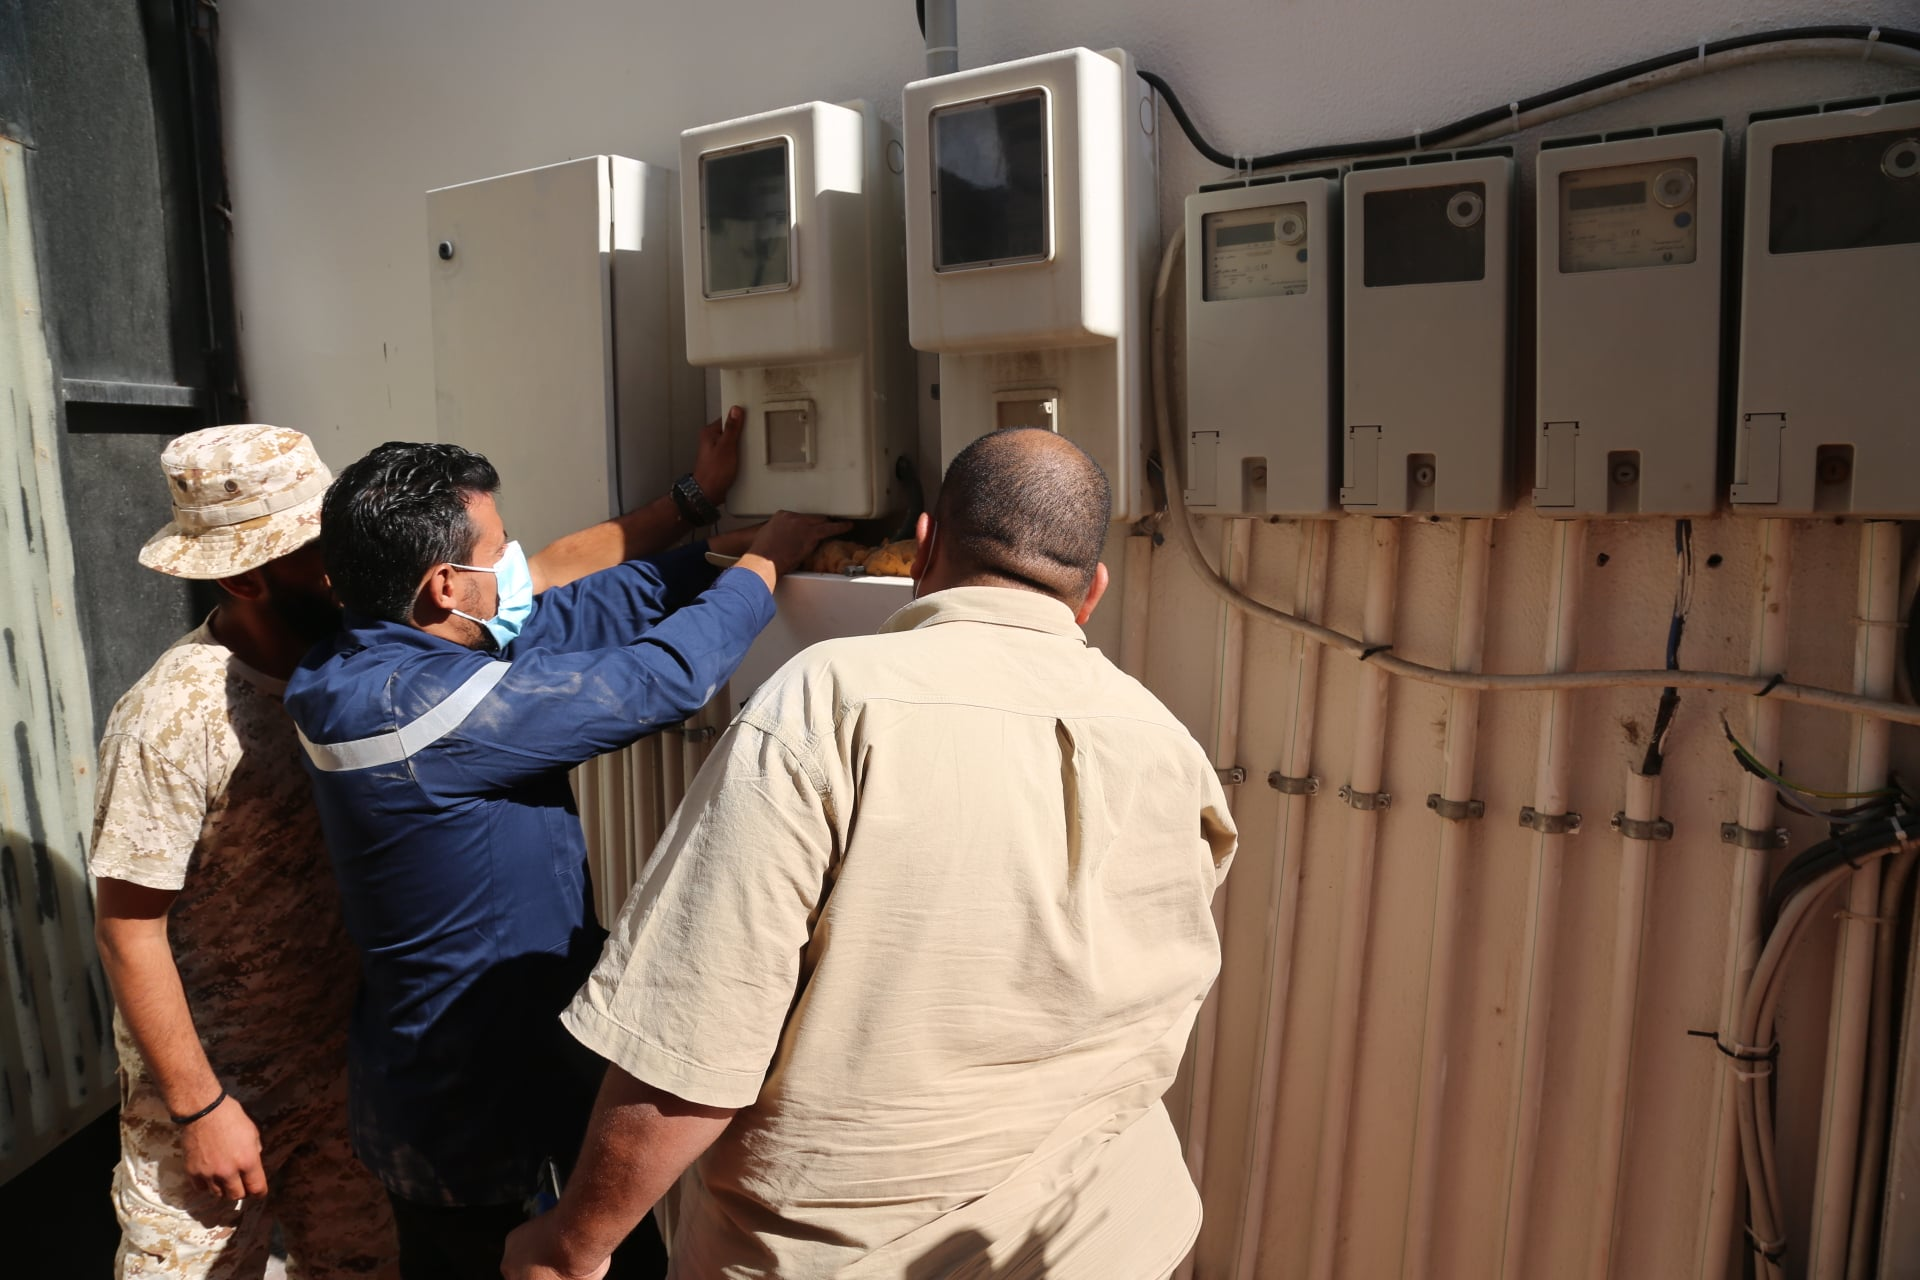 لليوم الثالث.. الشركة العامة للكهرباء تواصل حملتها الوطنية